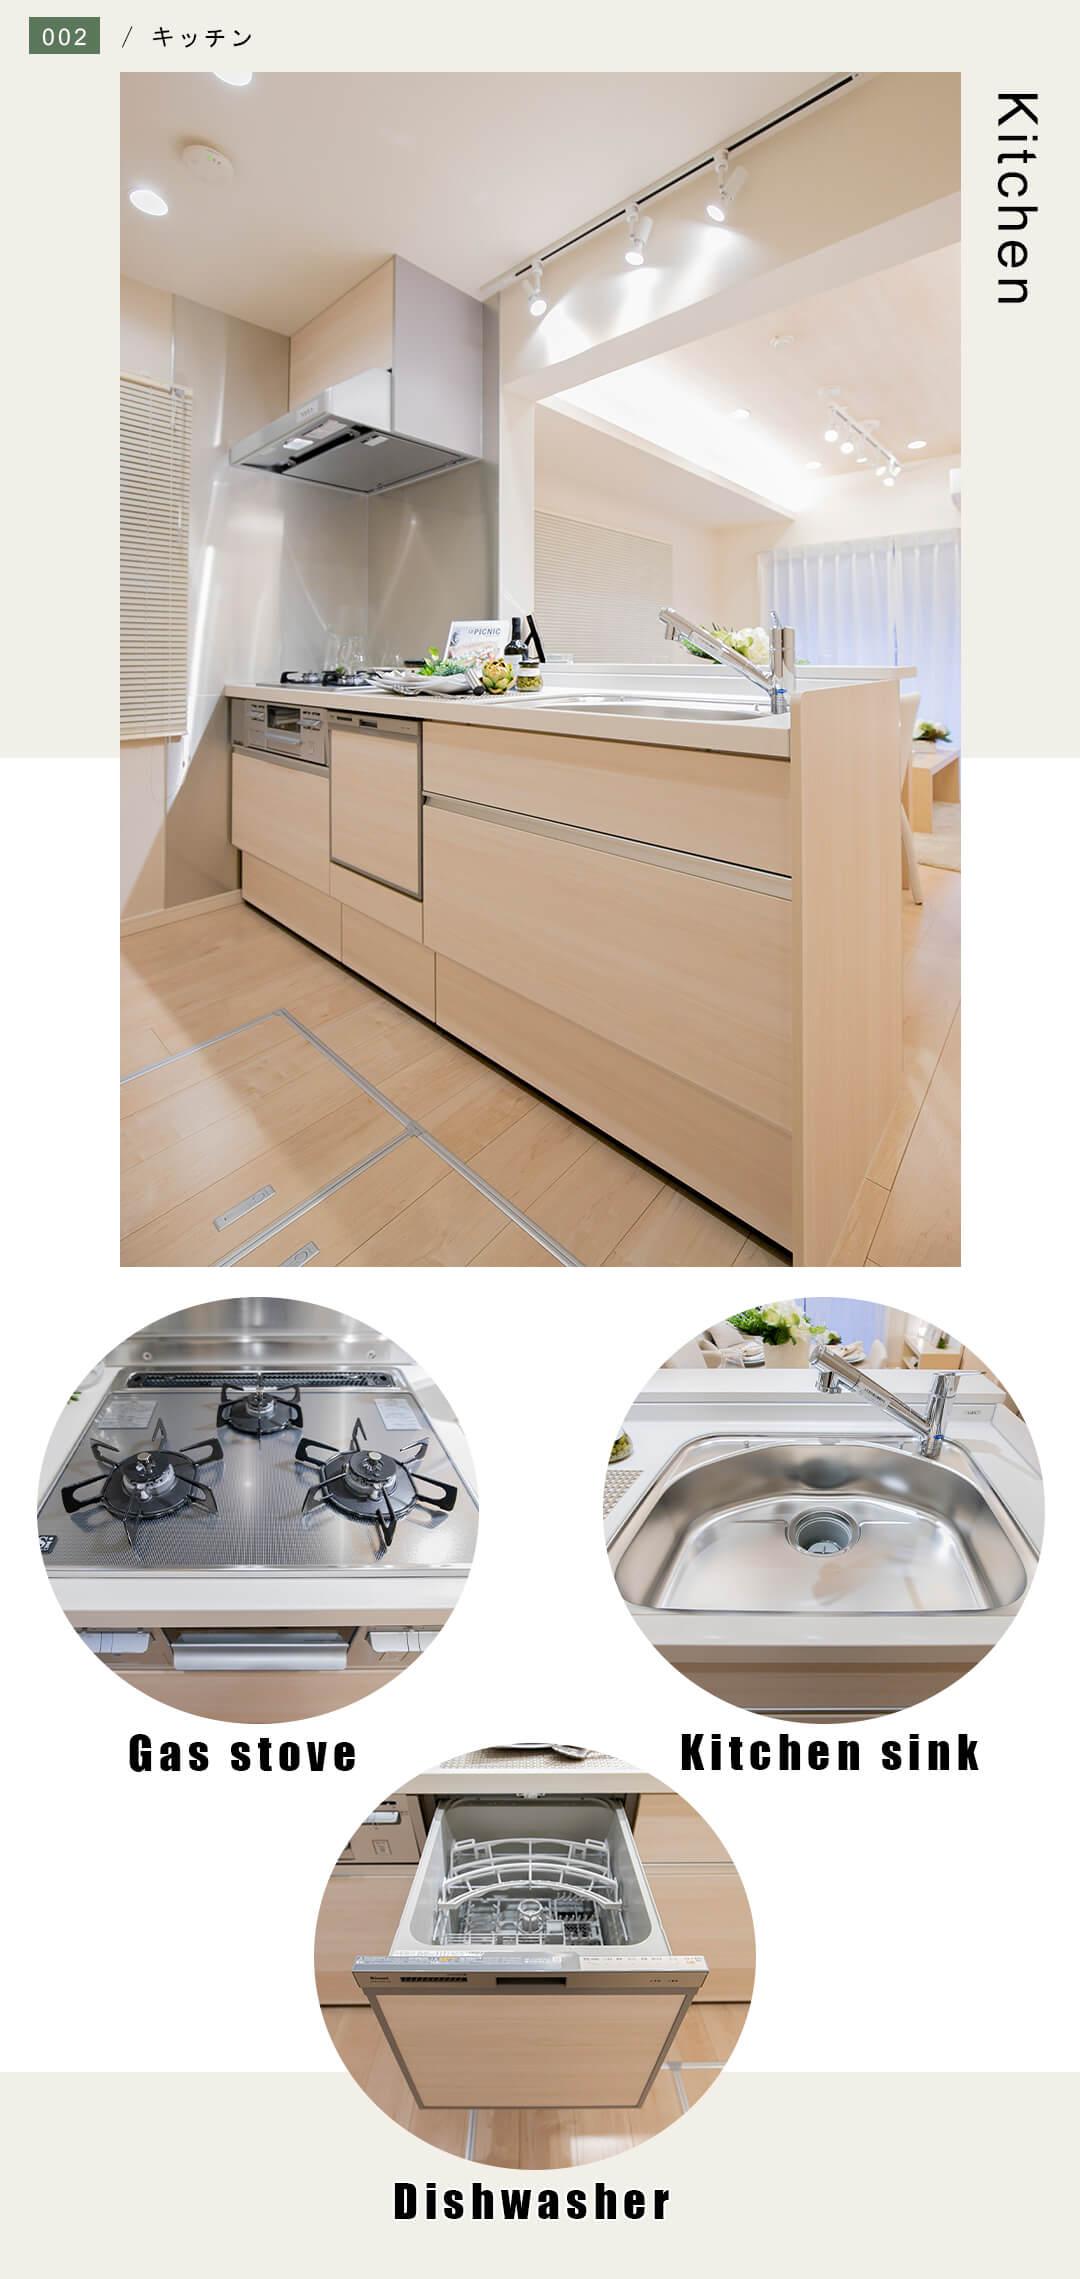 ガーデンホーム早稲田のキッチン